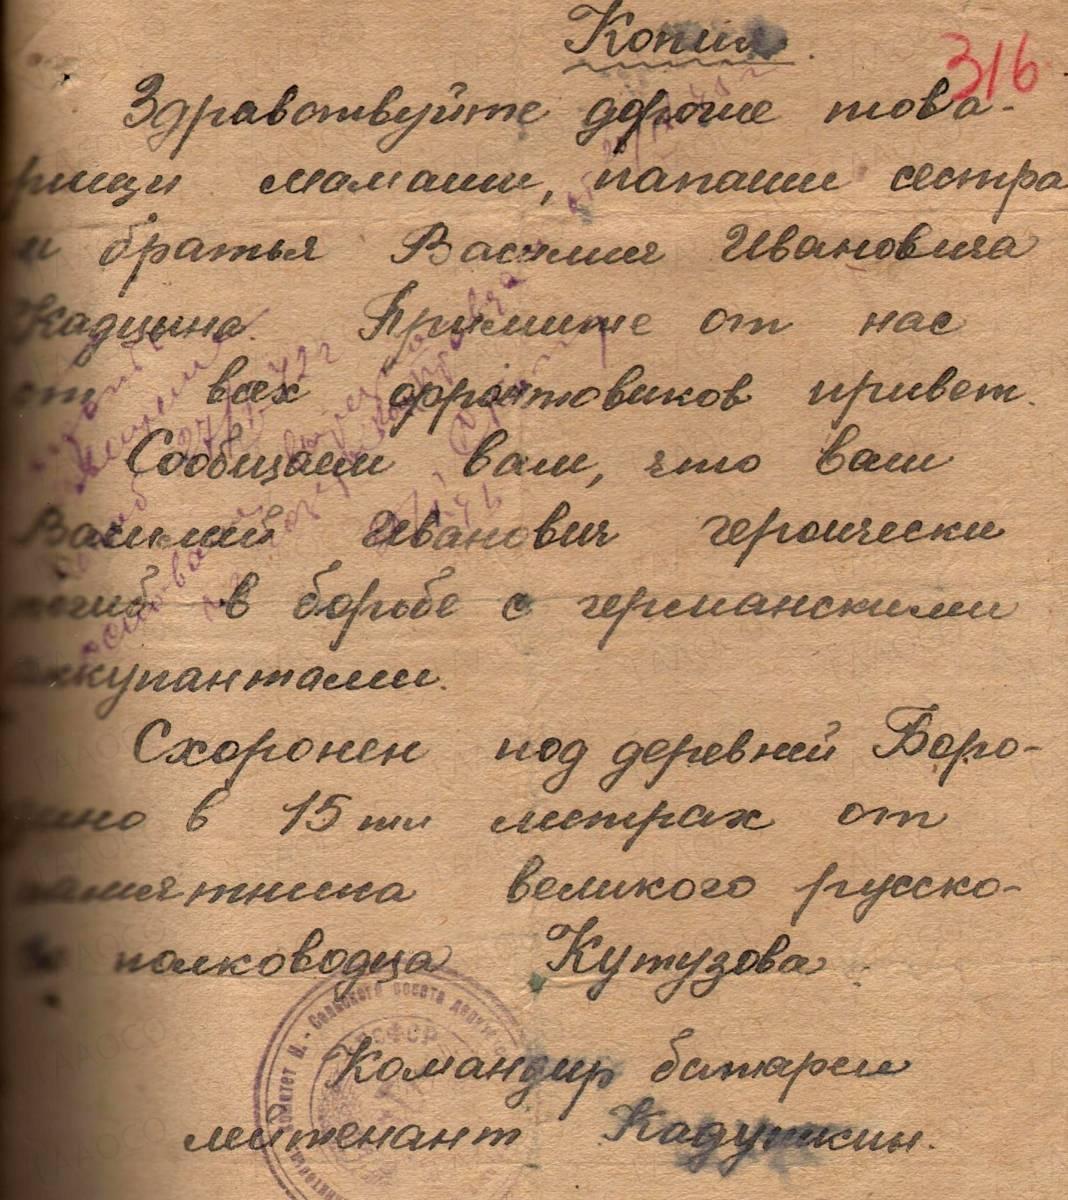 исьмо от командира батареи Кадушкина о гибели В. И. Кадцына